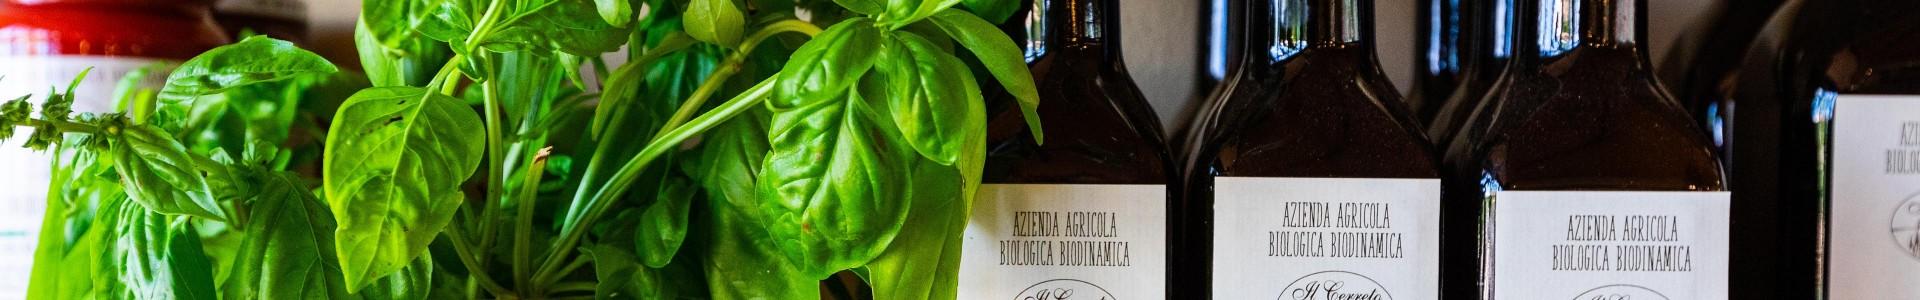 Olio extravergine di oliva biologico biodinamico - Il Cerreto